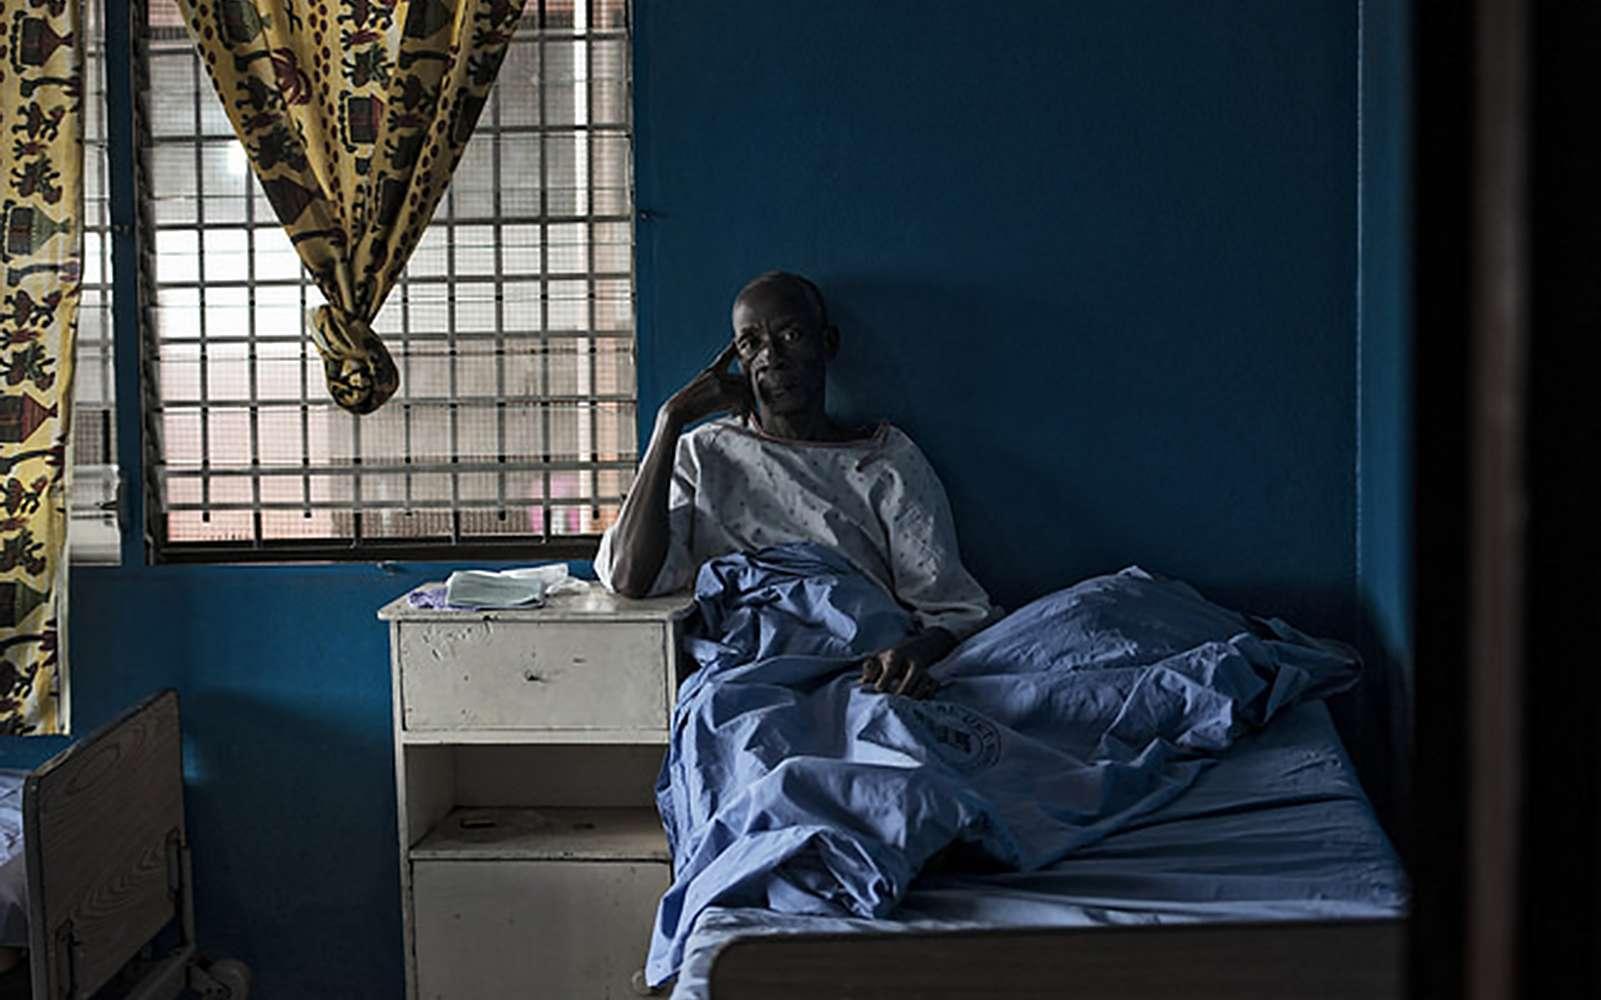 Les survivants d'Ebola souffriraient de complications. L'origine des symptômes reste cependant inconnue. © USAID U.S. Agency for International Development, Flickr, CC by-nc 2.0